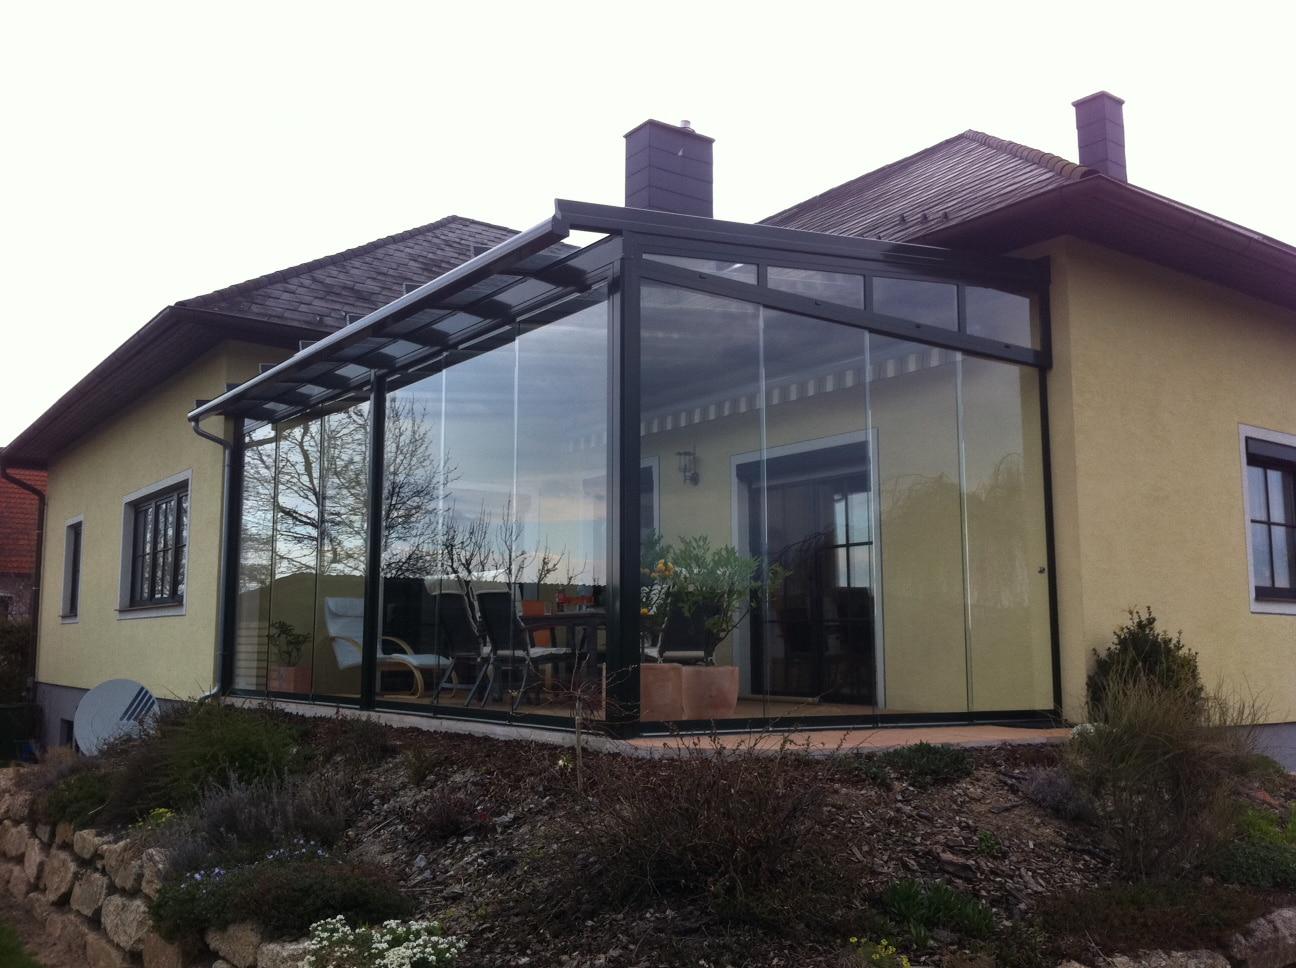 Wintergarten mit Aluminium-Profil-Systeme und Glasschiebetüren